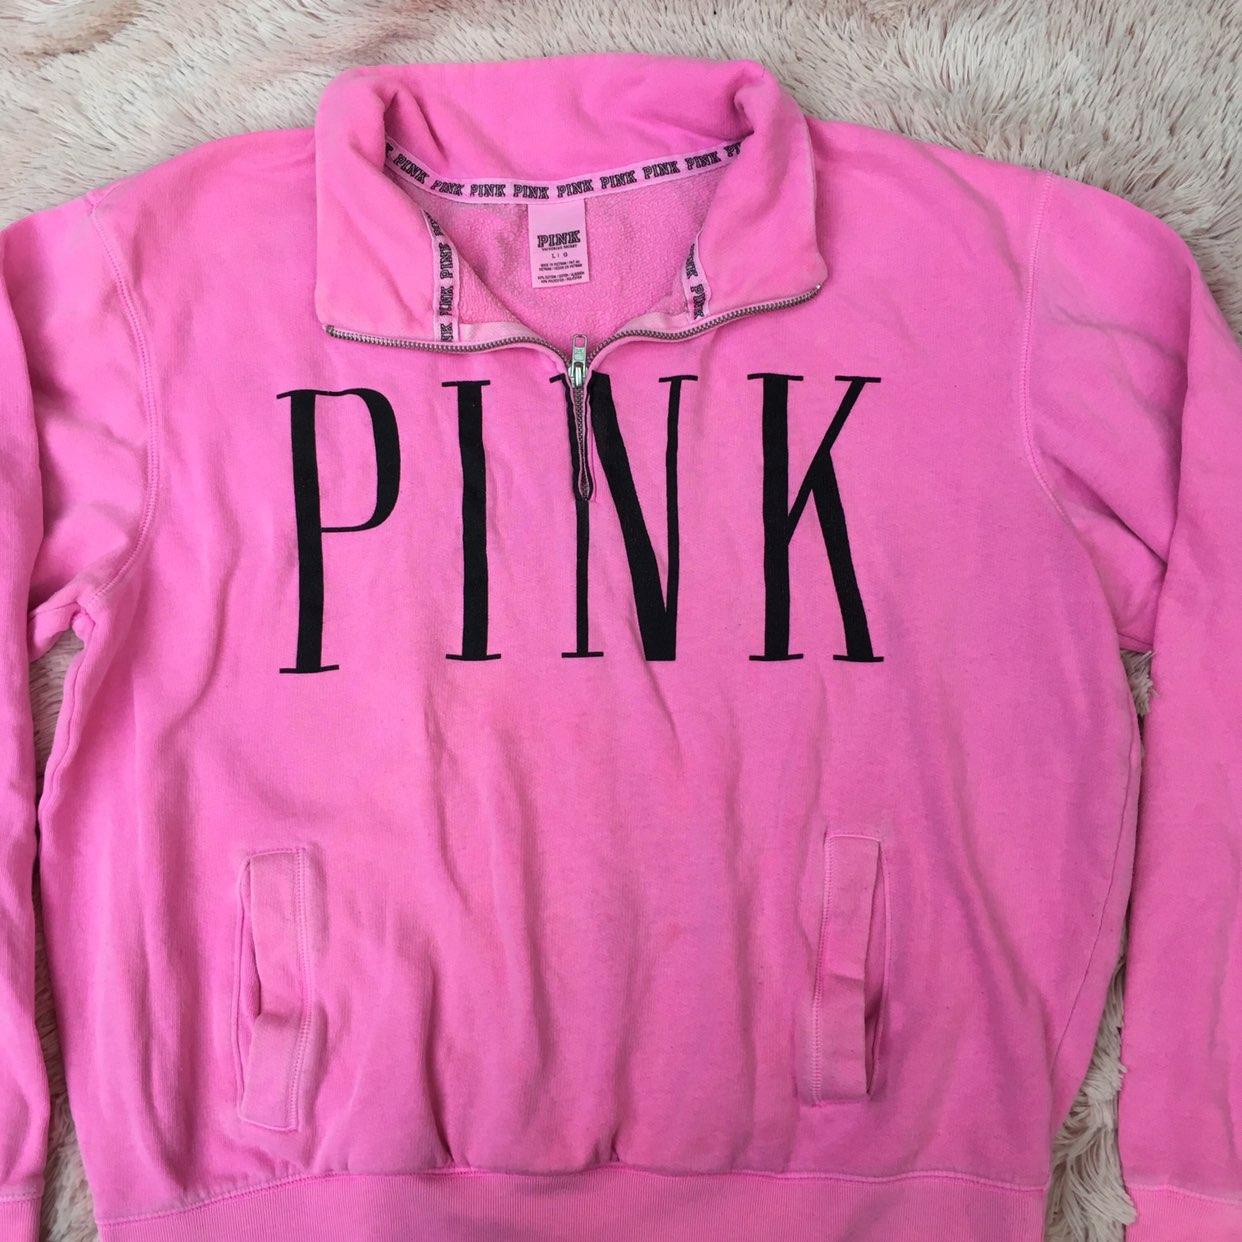 Vs Pink Quarter Zip Sweater - Mercari: BUY & SELL THINGS YOU LOVE